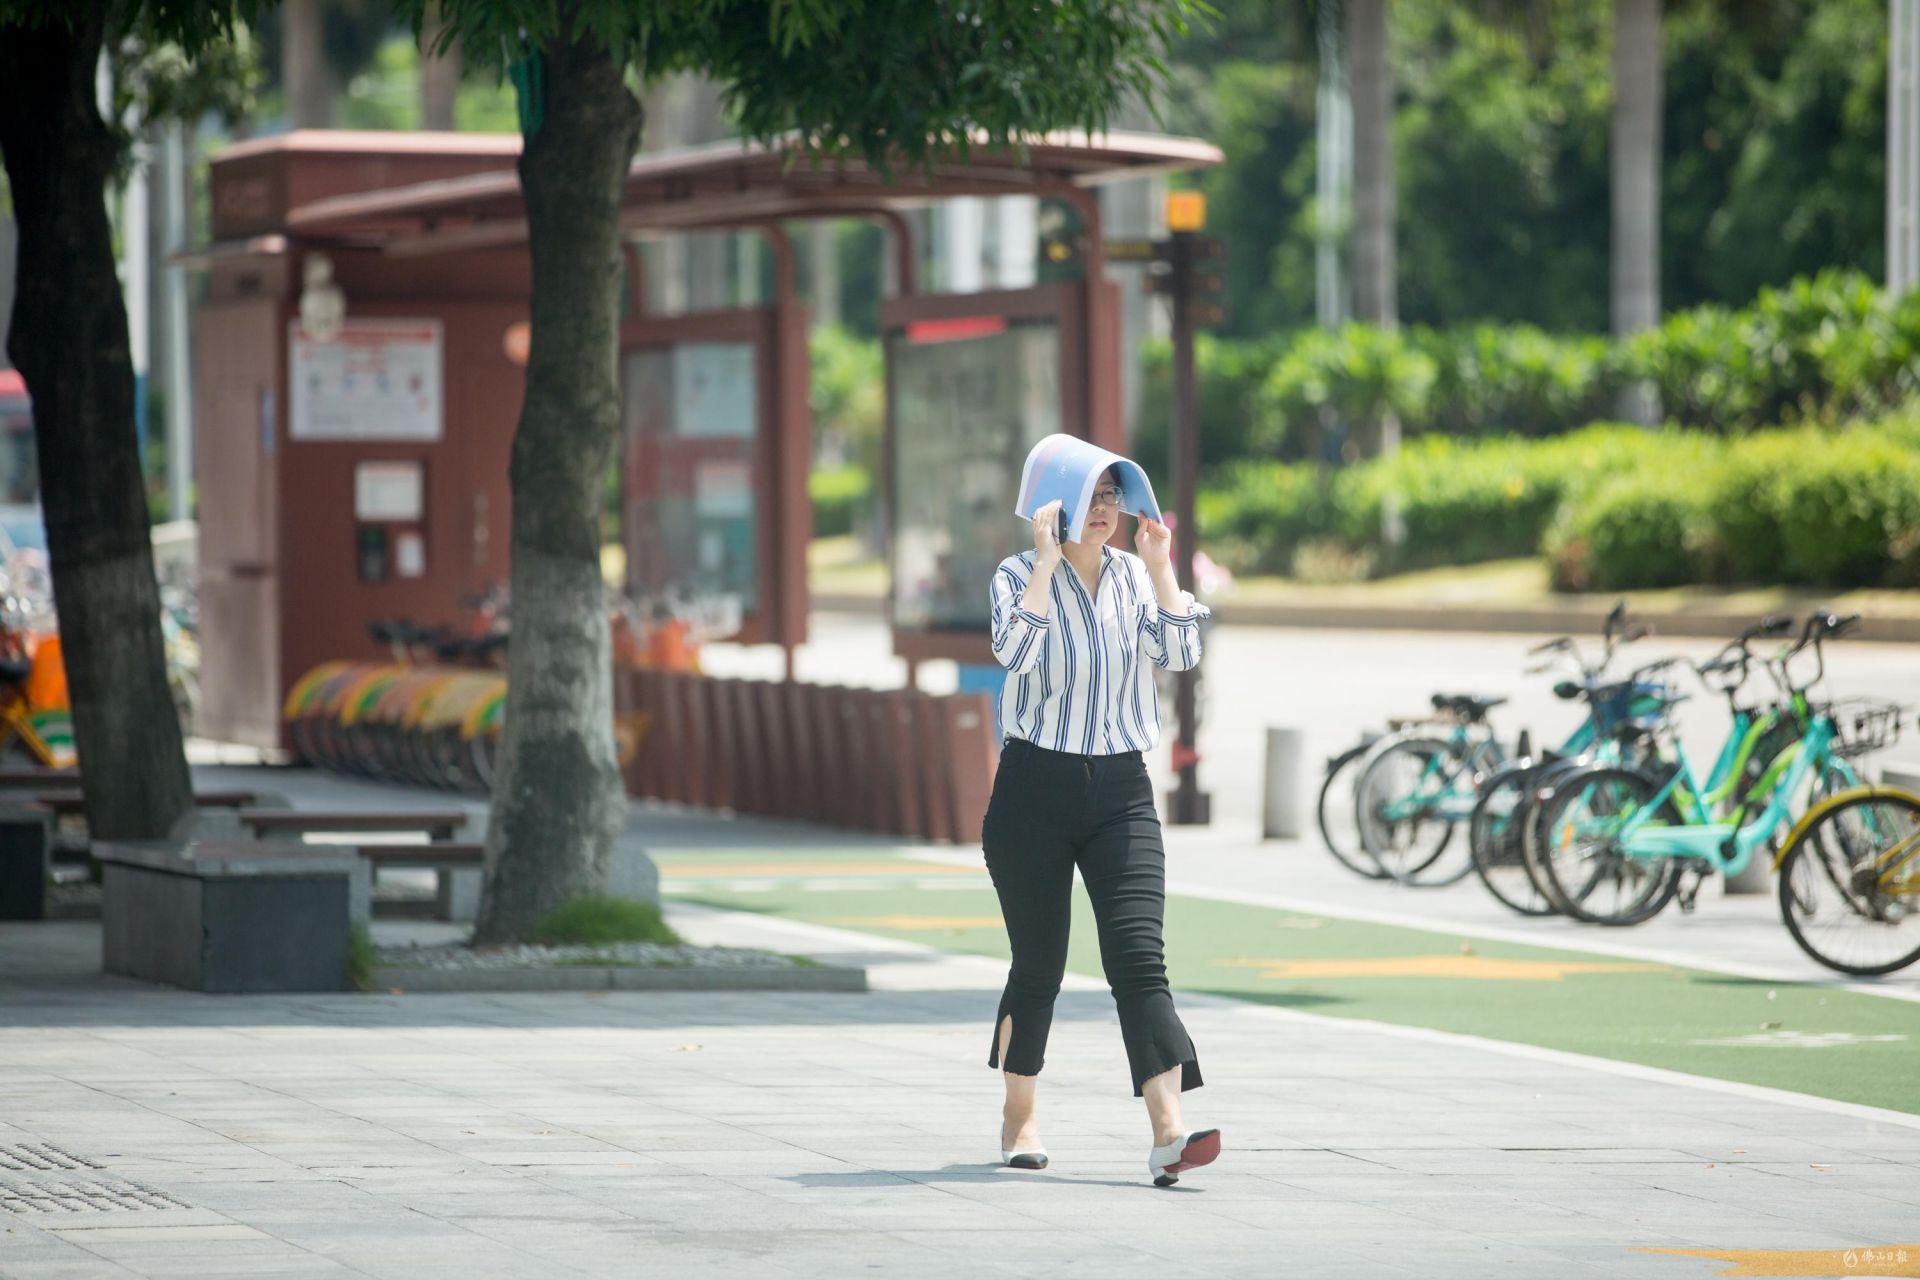 热热热!佛山持续高温,街坊们出门齐齐撑伞